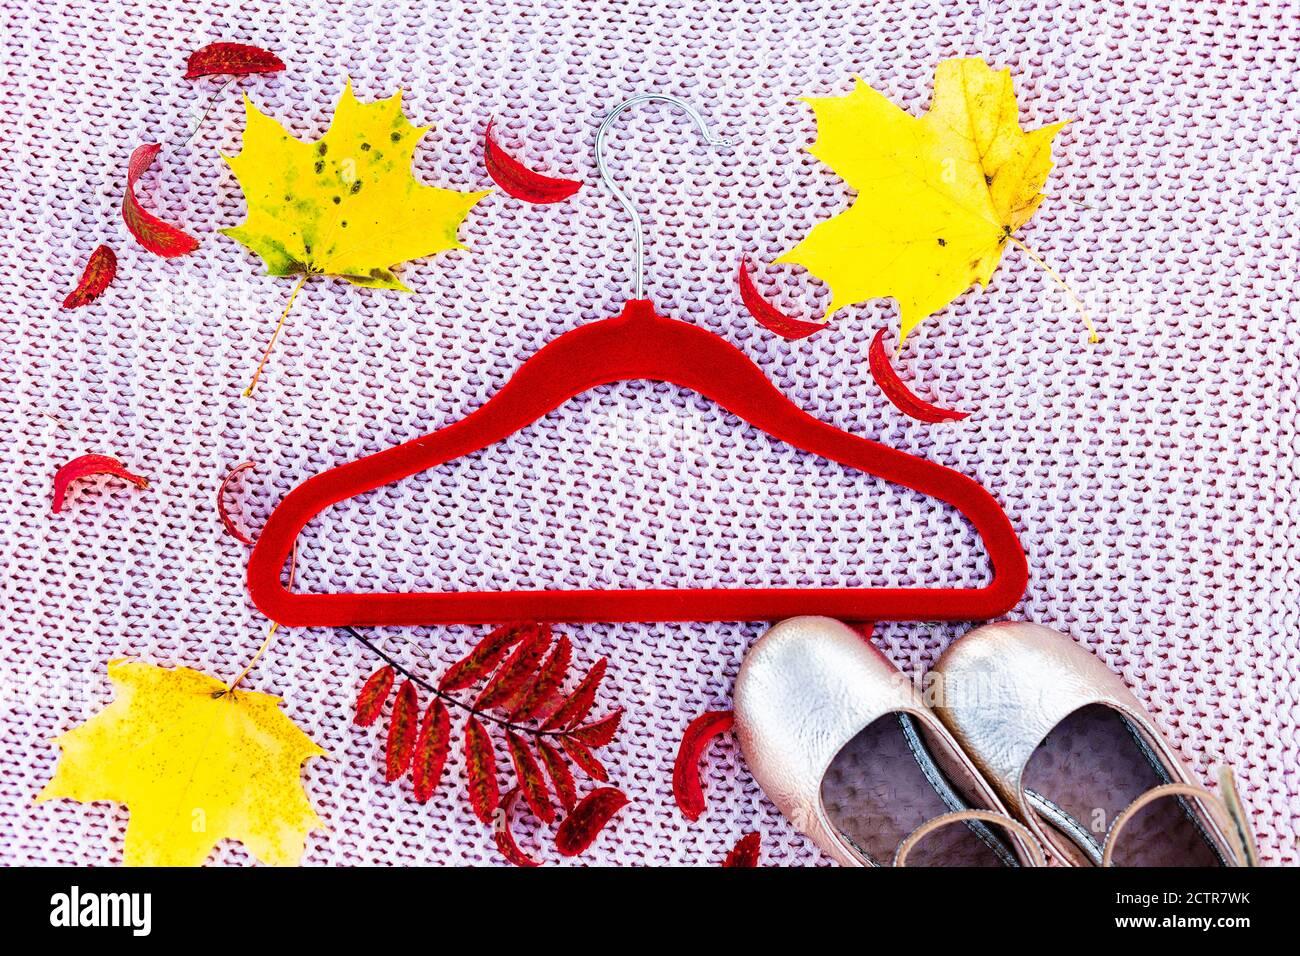 Una percha de ropa y zapatos de oro se encuentran entre el colorido otoño hojas Foto de stock